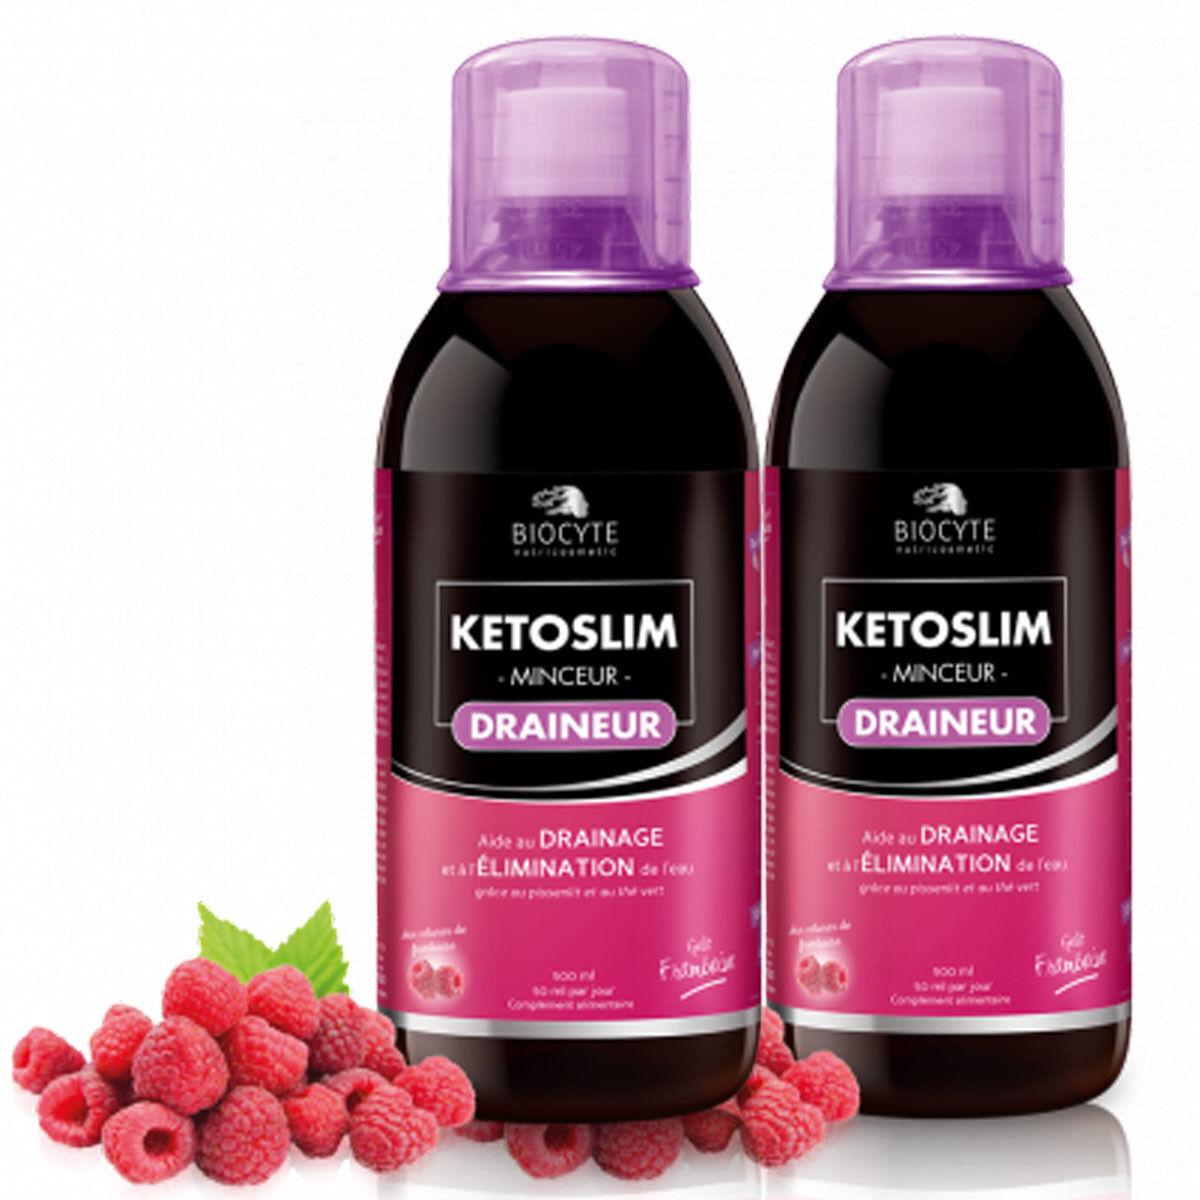 BIOCYTE Promo biocyte ketoslim draineur gout framboise 2x500 ml